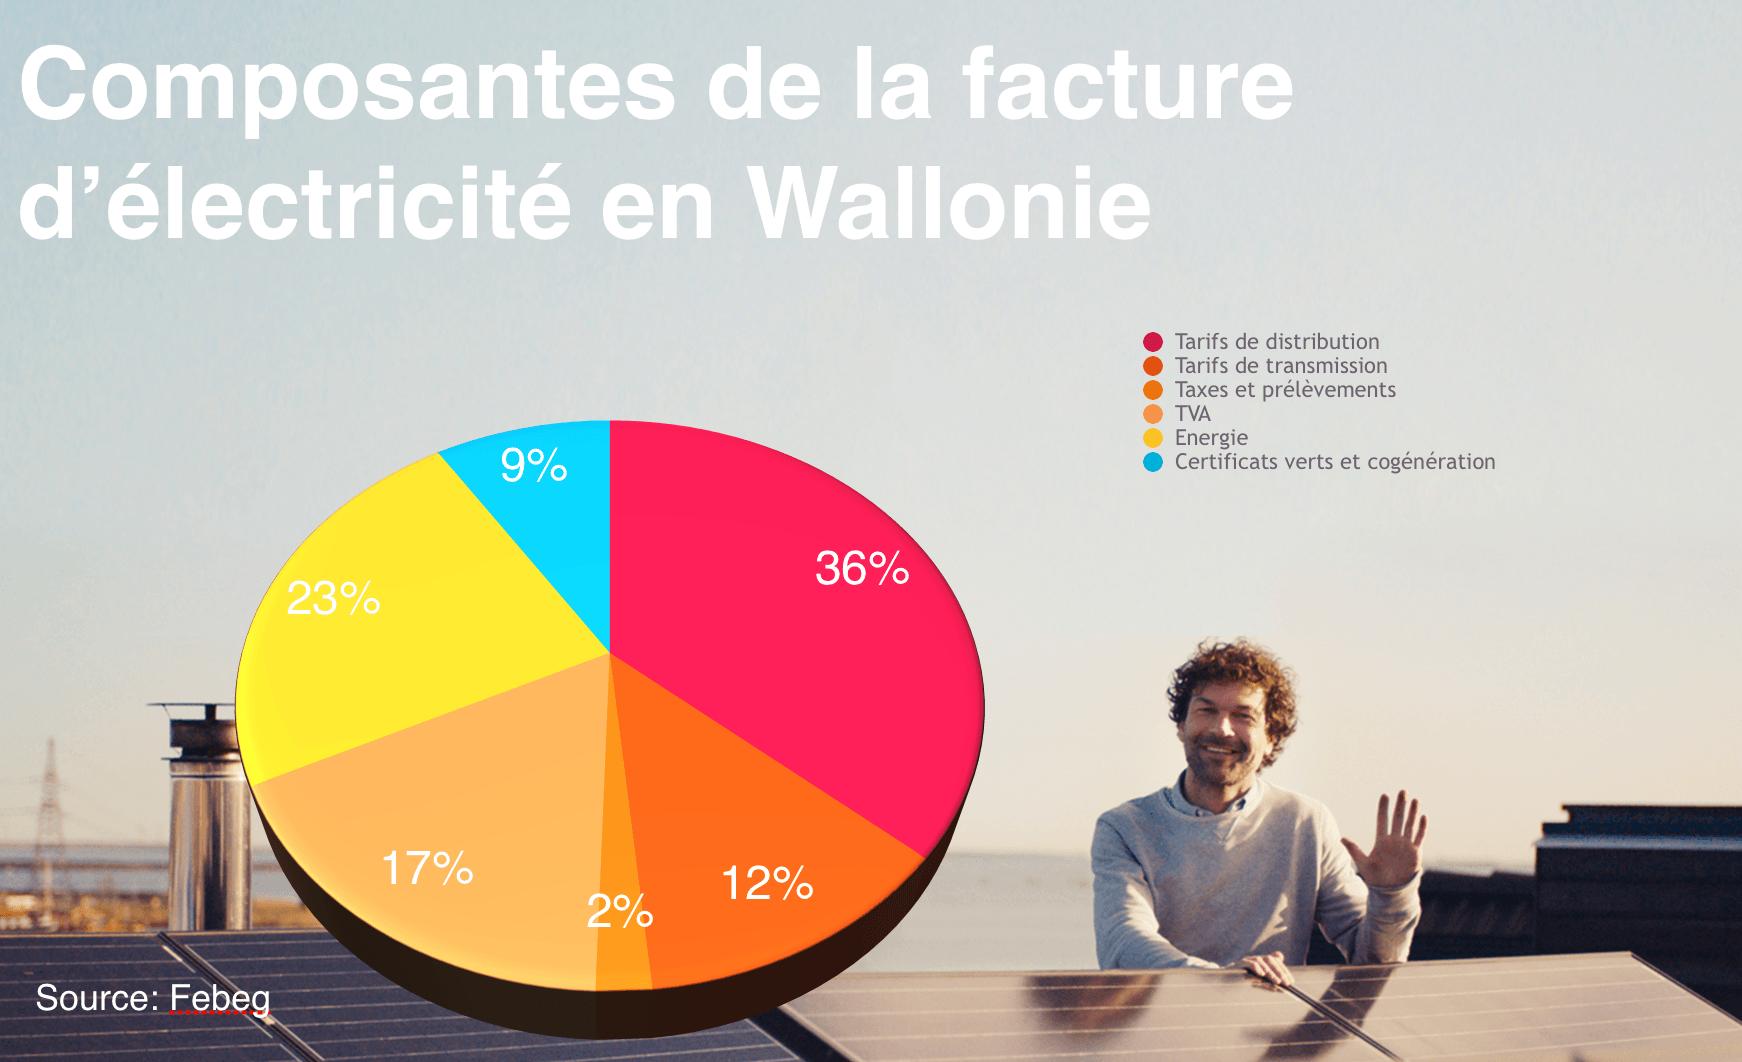 composantes de la facture d'electricité en Wallonie